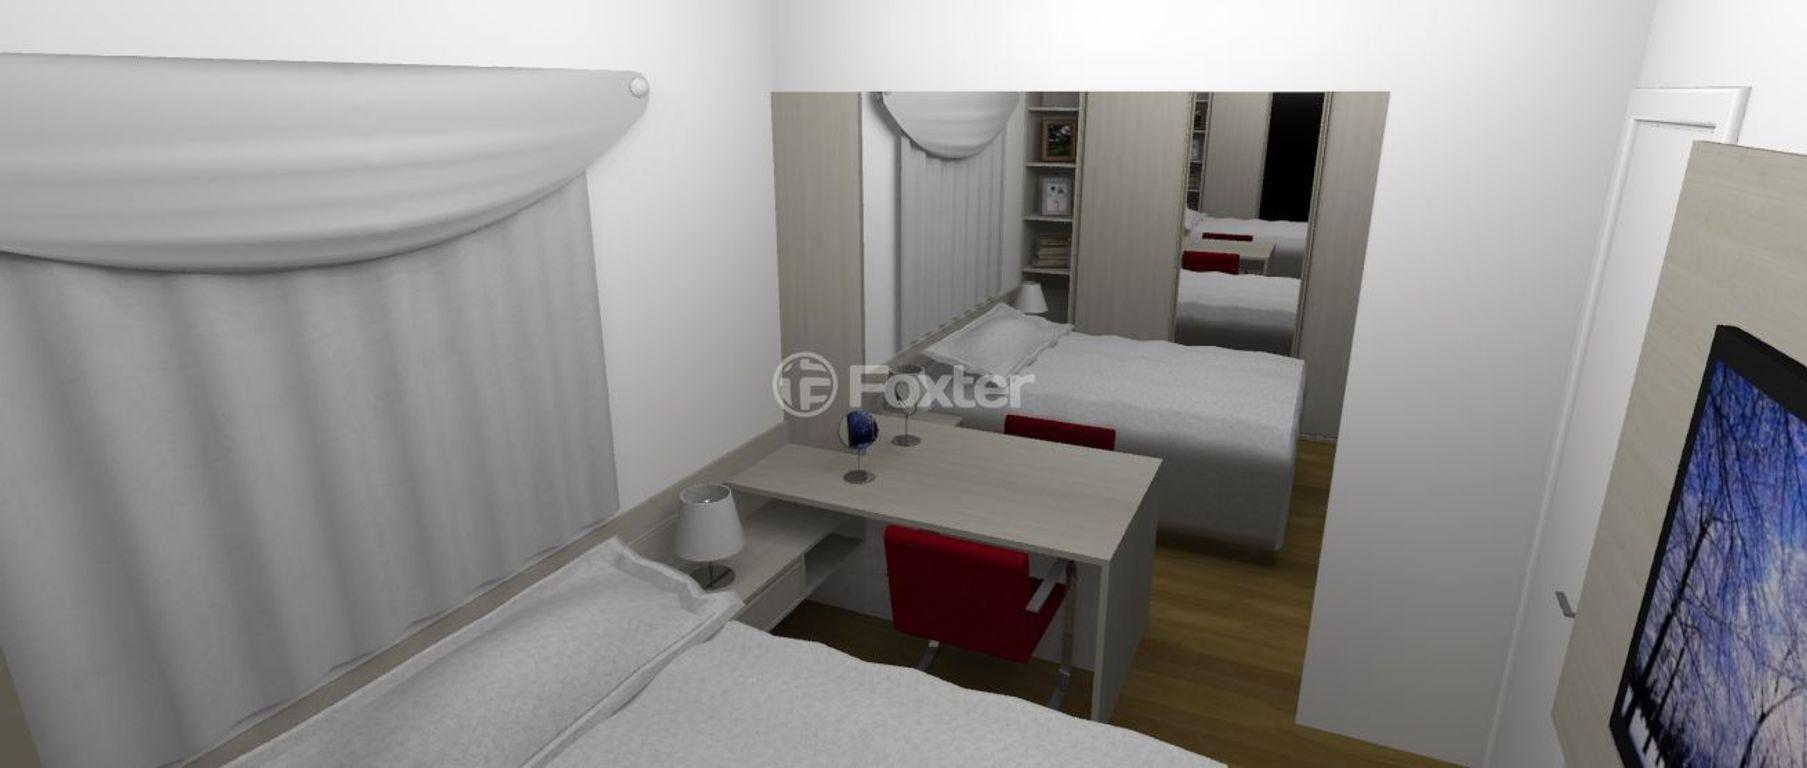 Apto 2 Dorm, Olaria, Canoas (141211) - Foto 13